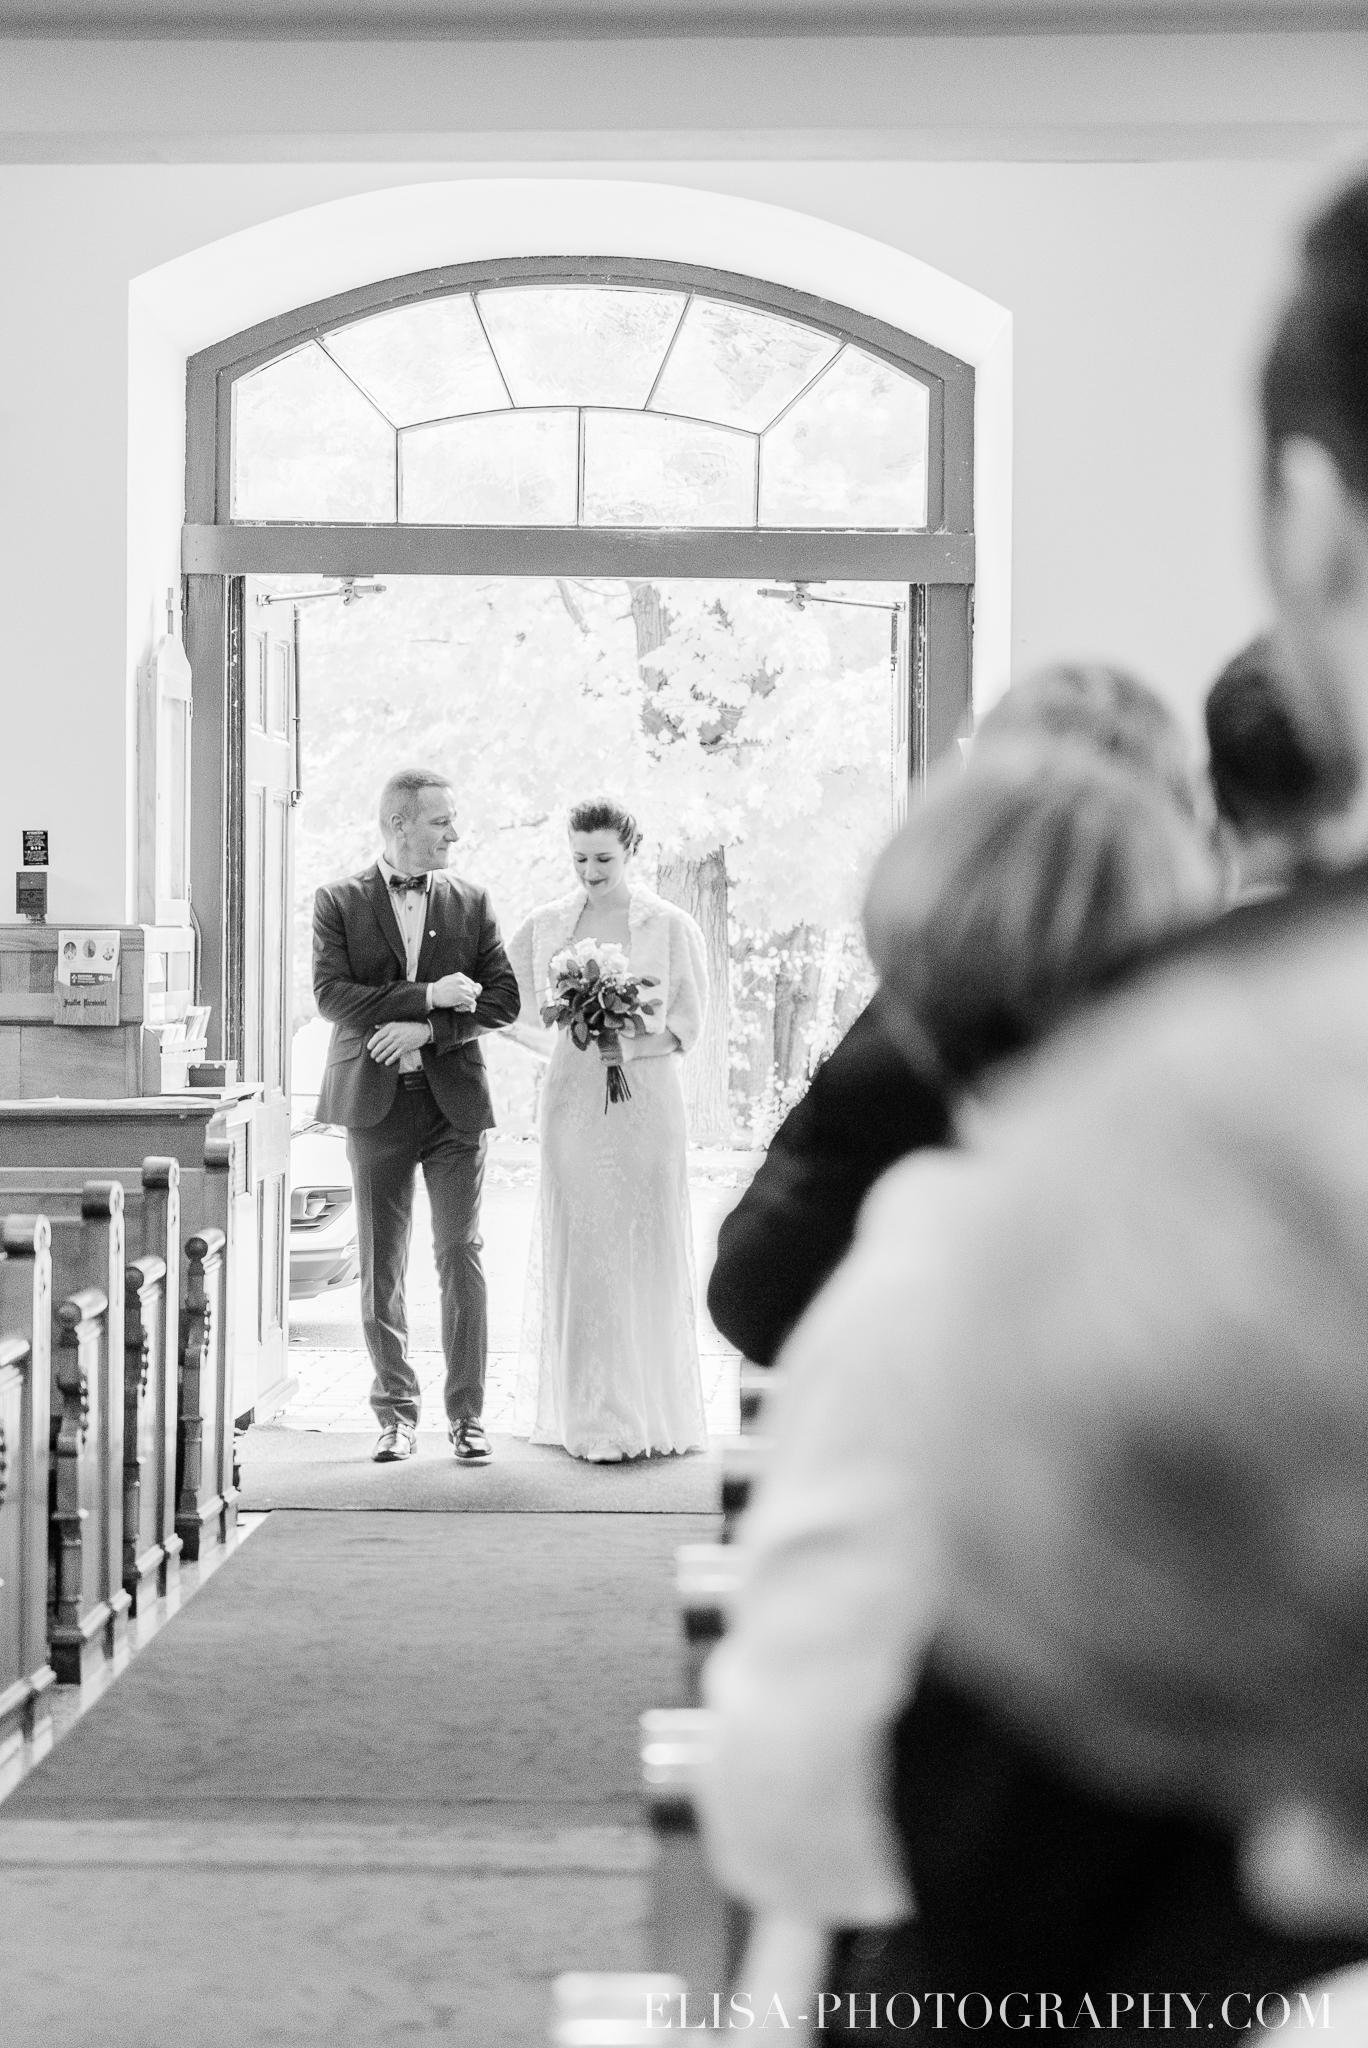 photo mariage ville quebec automne ceremonie eglise de cap rouge 7358 - Mariage au Golf de Cap-Rouge, ville de Québec: Stéphanie & William